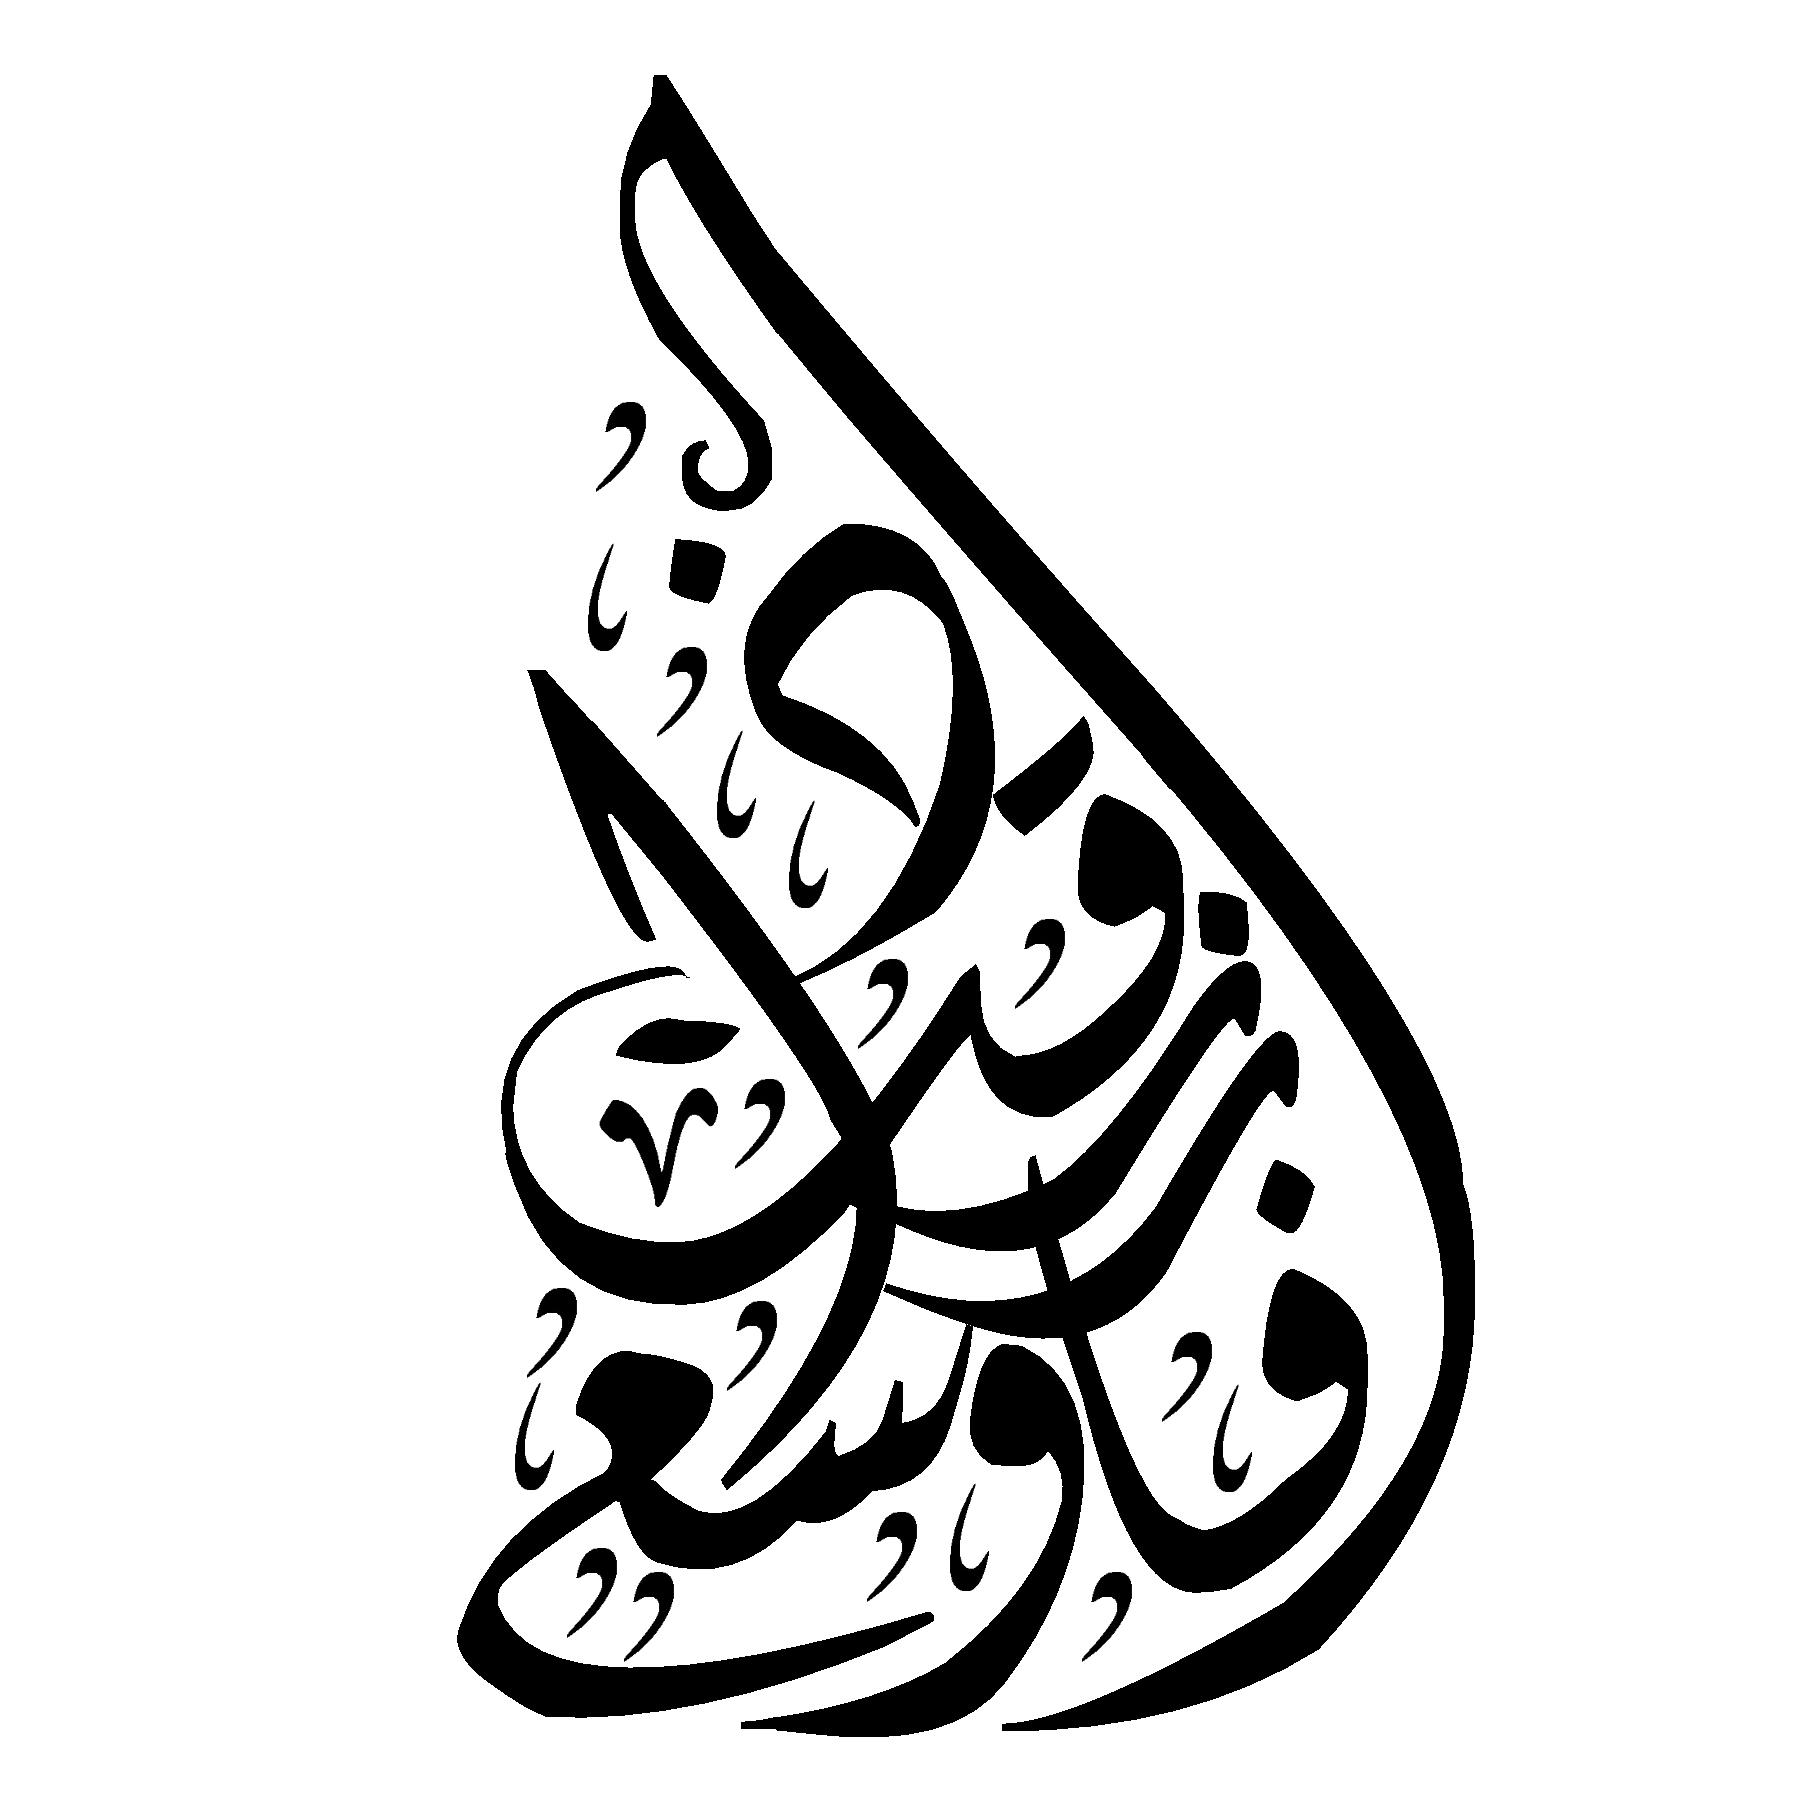 Pin By بسم الله الرحمن الرحيم On مخطوطات حسينية Art Drawings Sketches Drawing Sketches Art Drawings